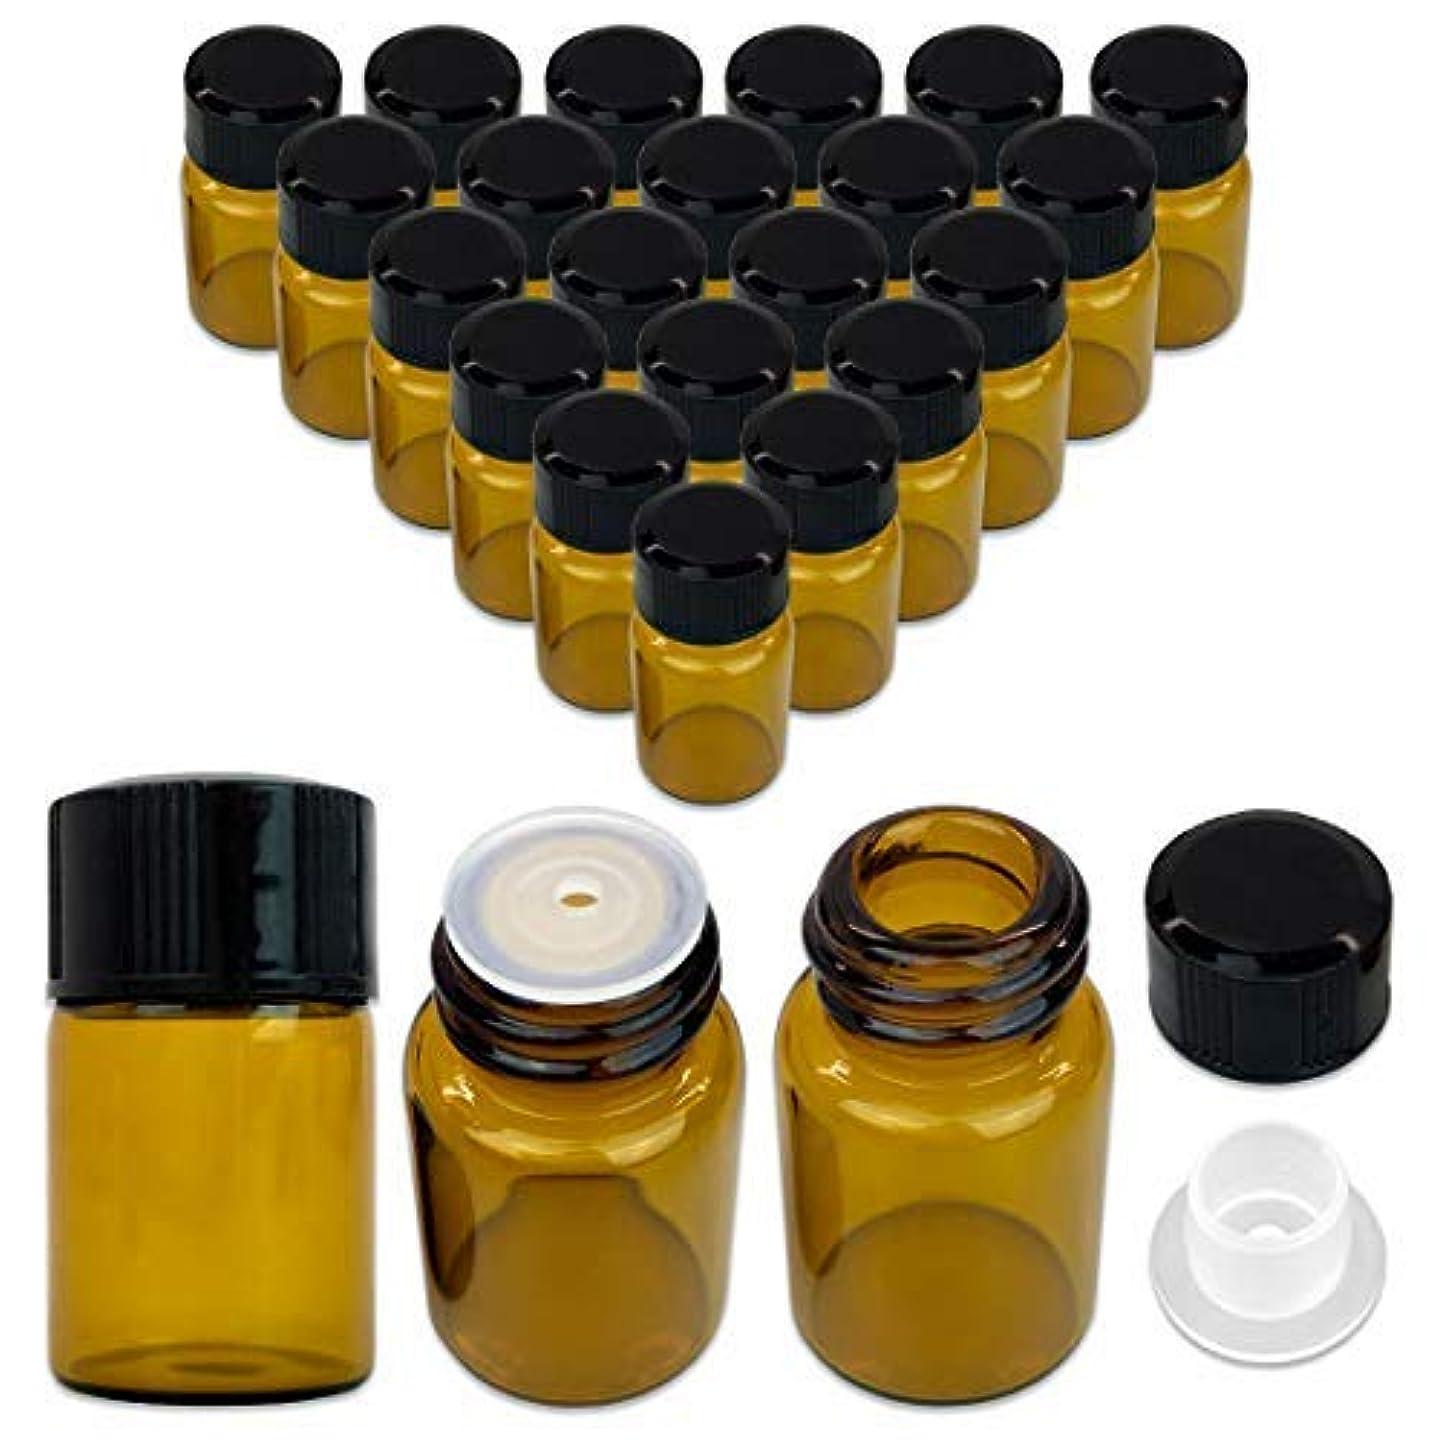 応答改善する鍔24 Packs Beauticom 2ML Amber Glass Vial for Essential Oils, Aromatherapy, Fragrance, Serums, Spritzes, with Orifice...